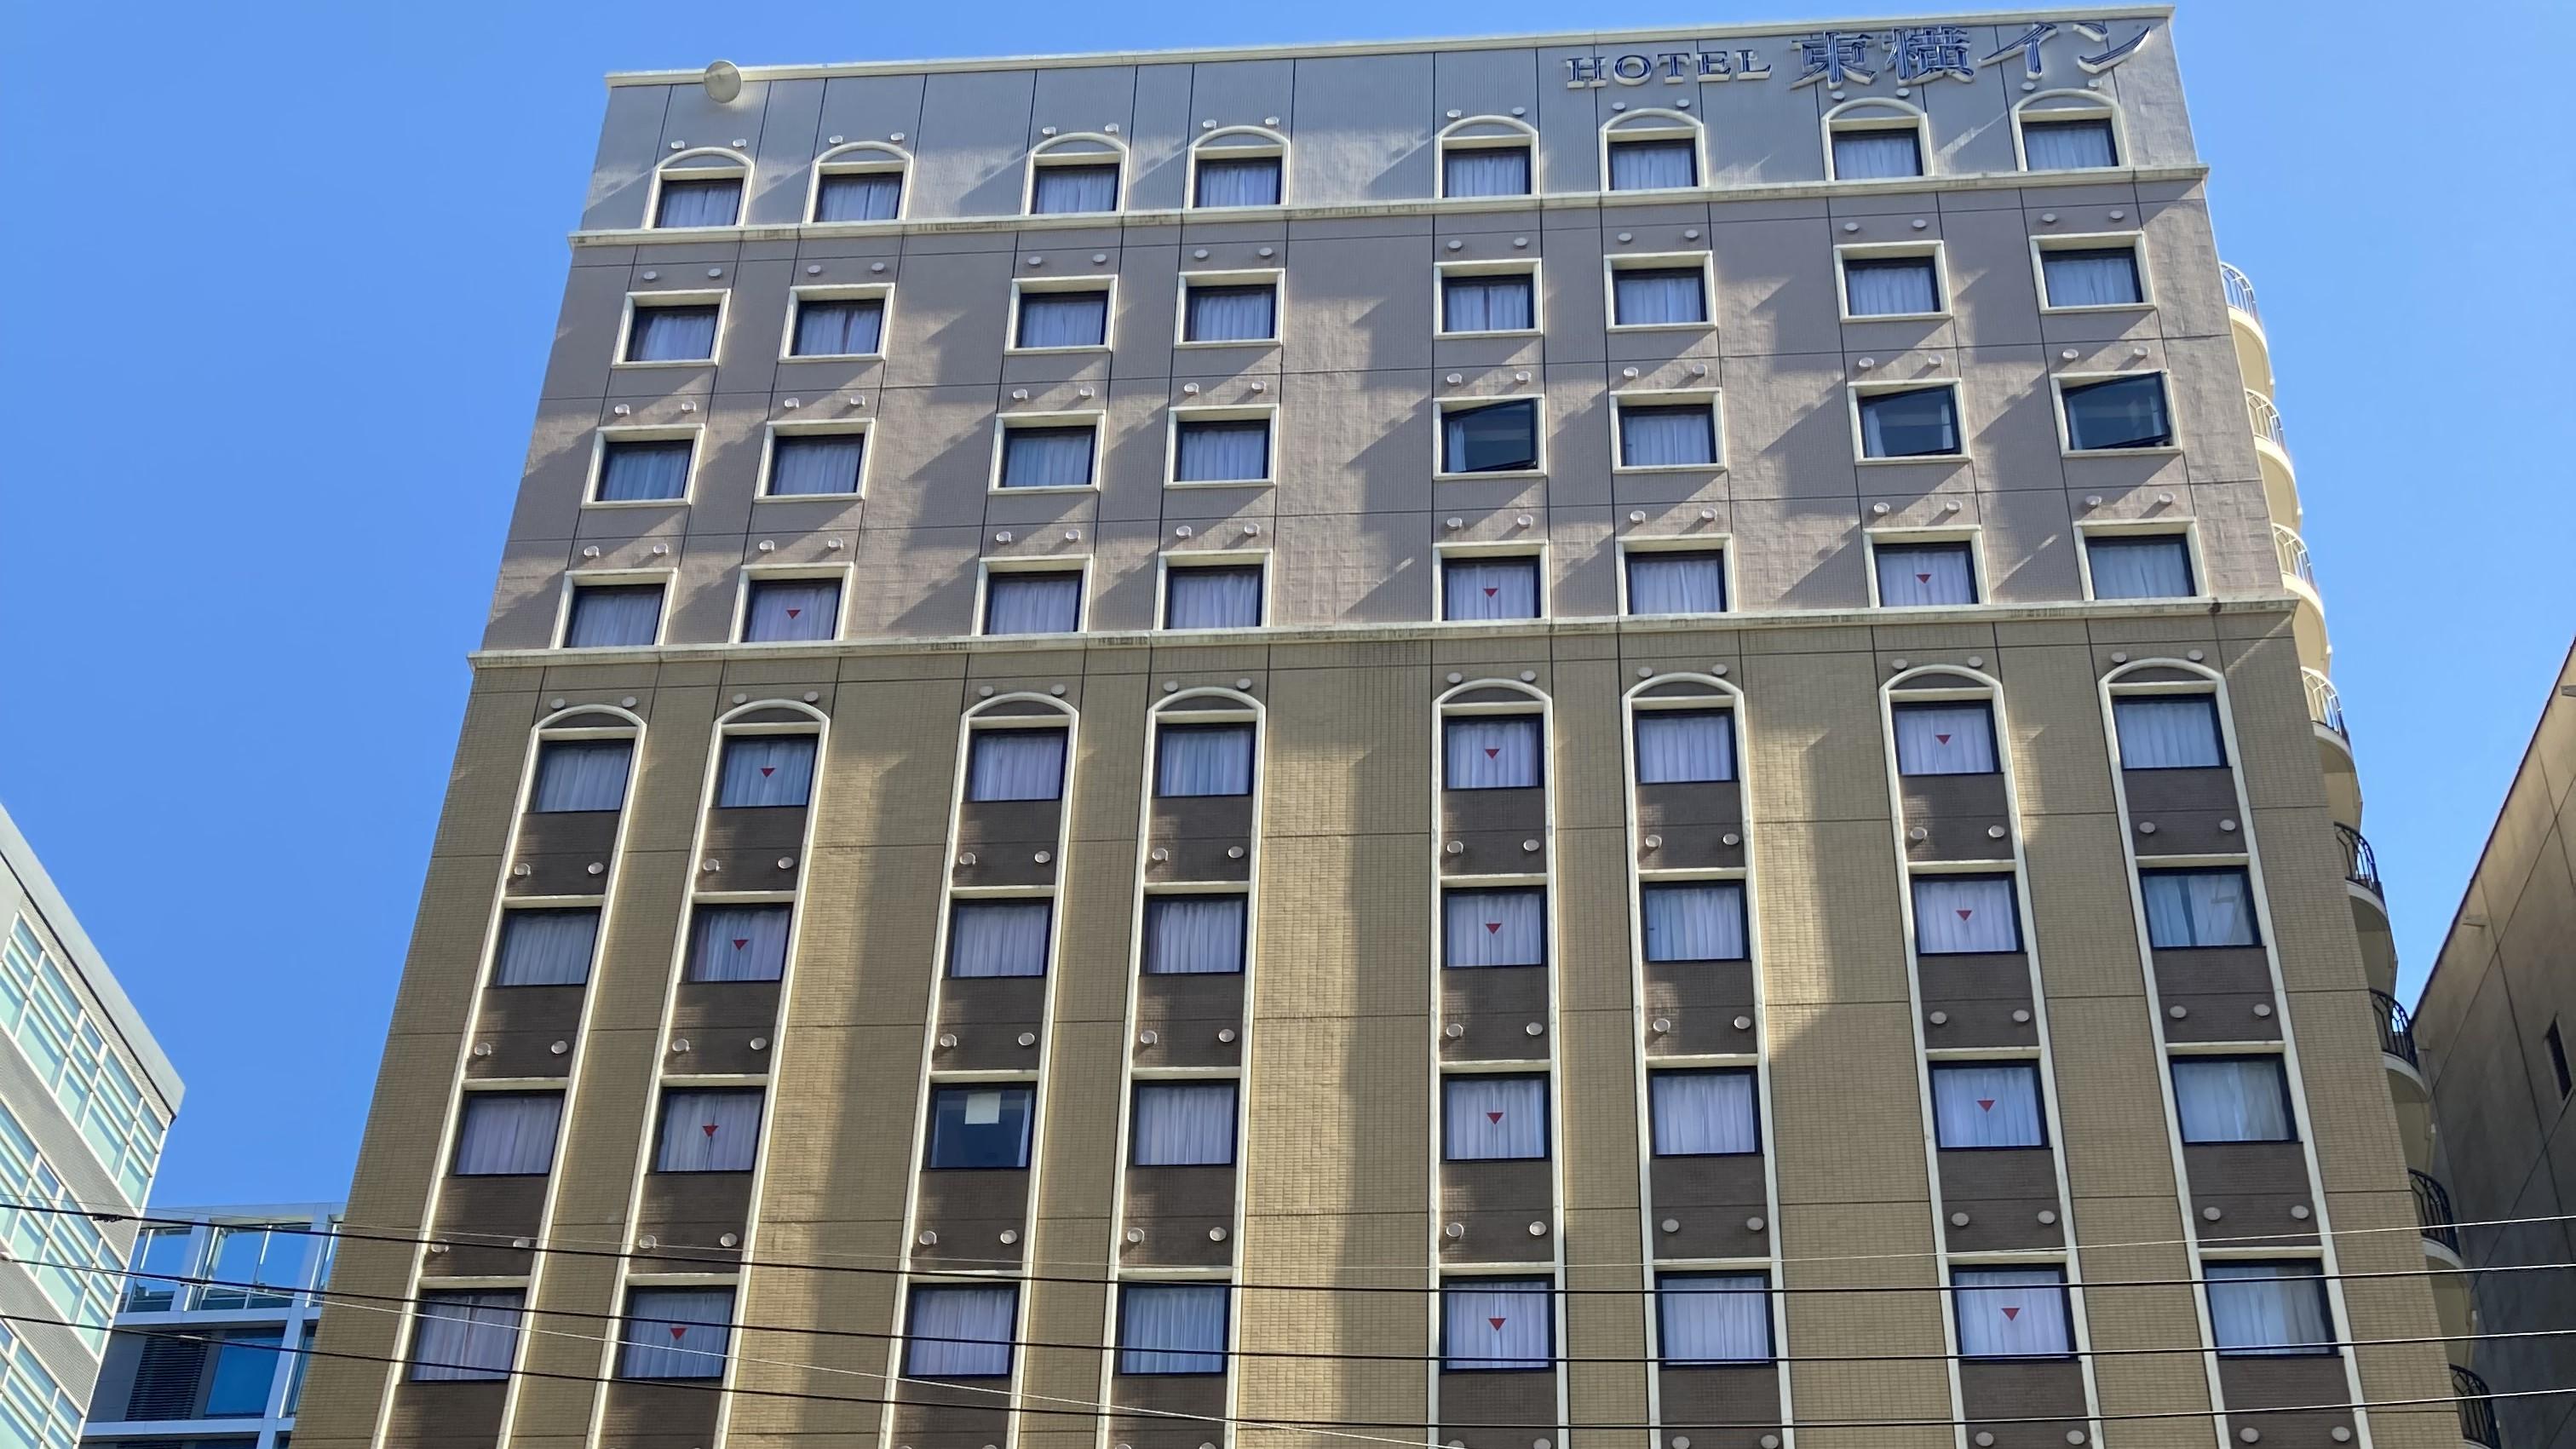 【出張】博多駅周辺でレイトチェックインプラン付のホテルを教えてください